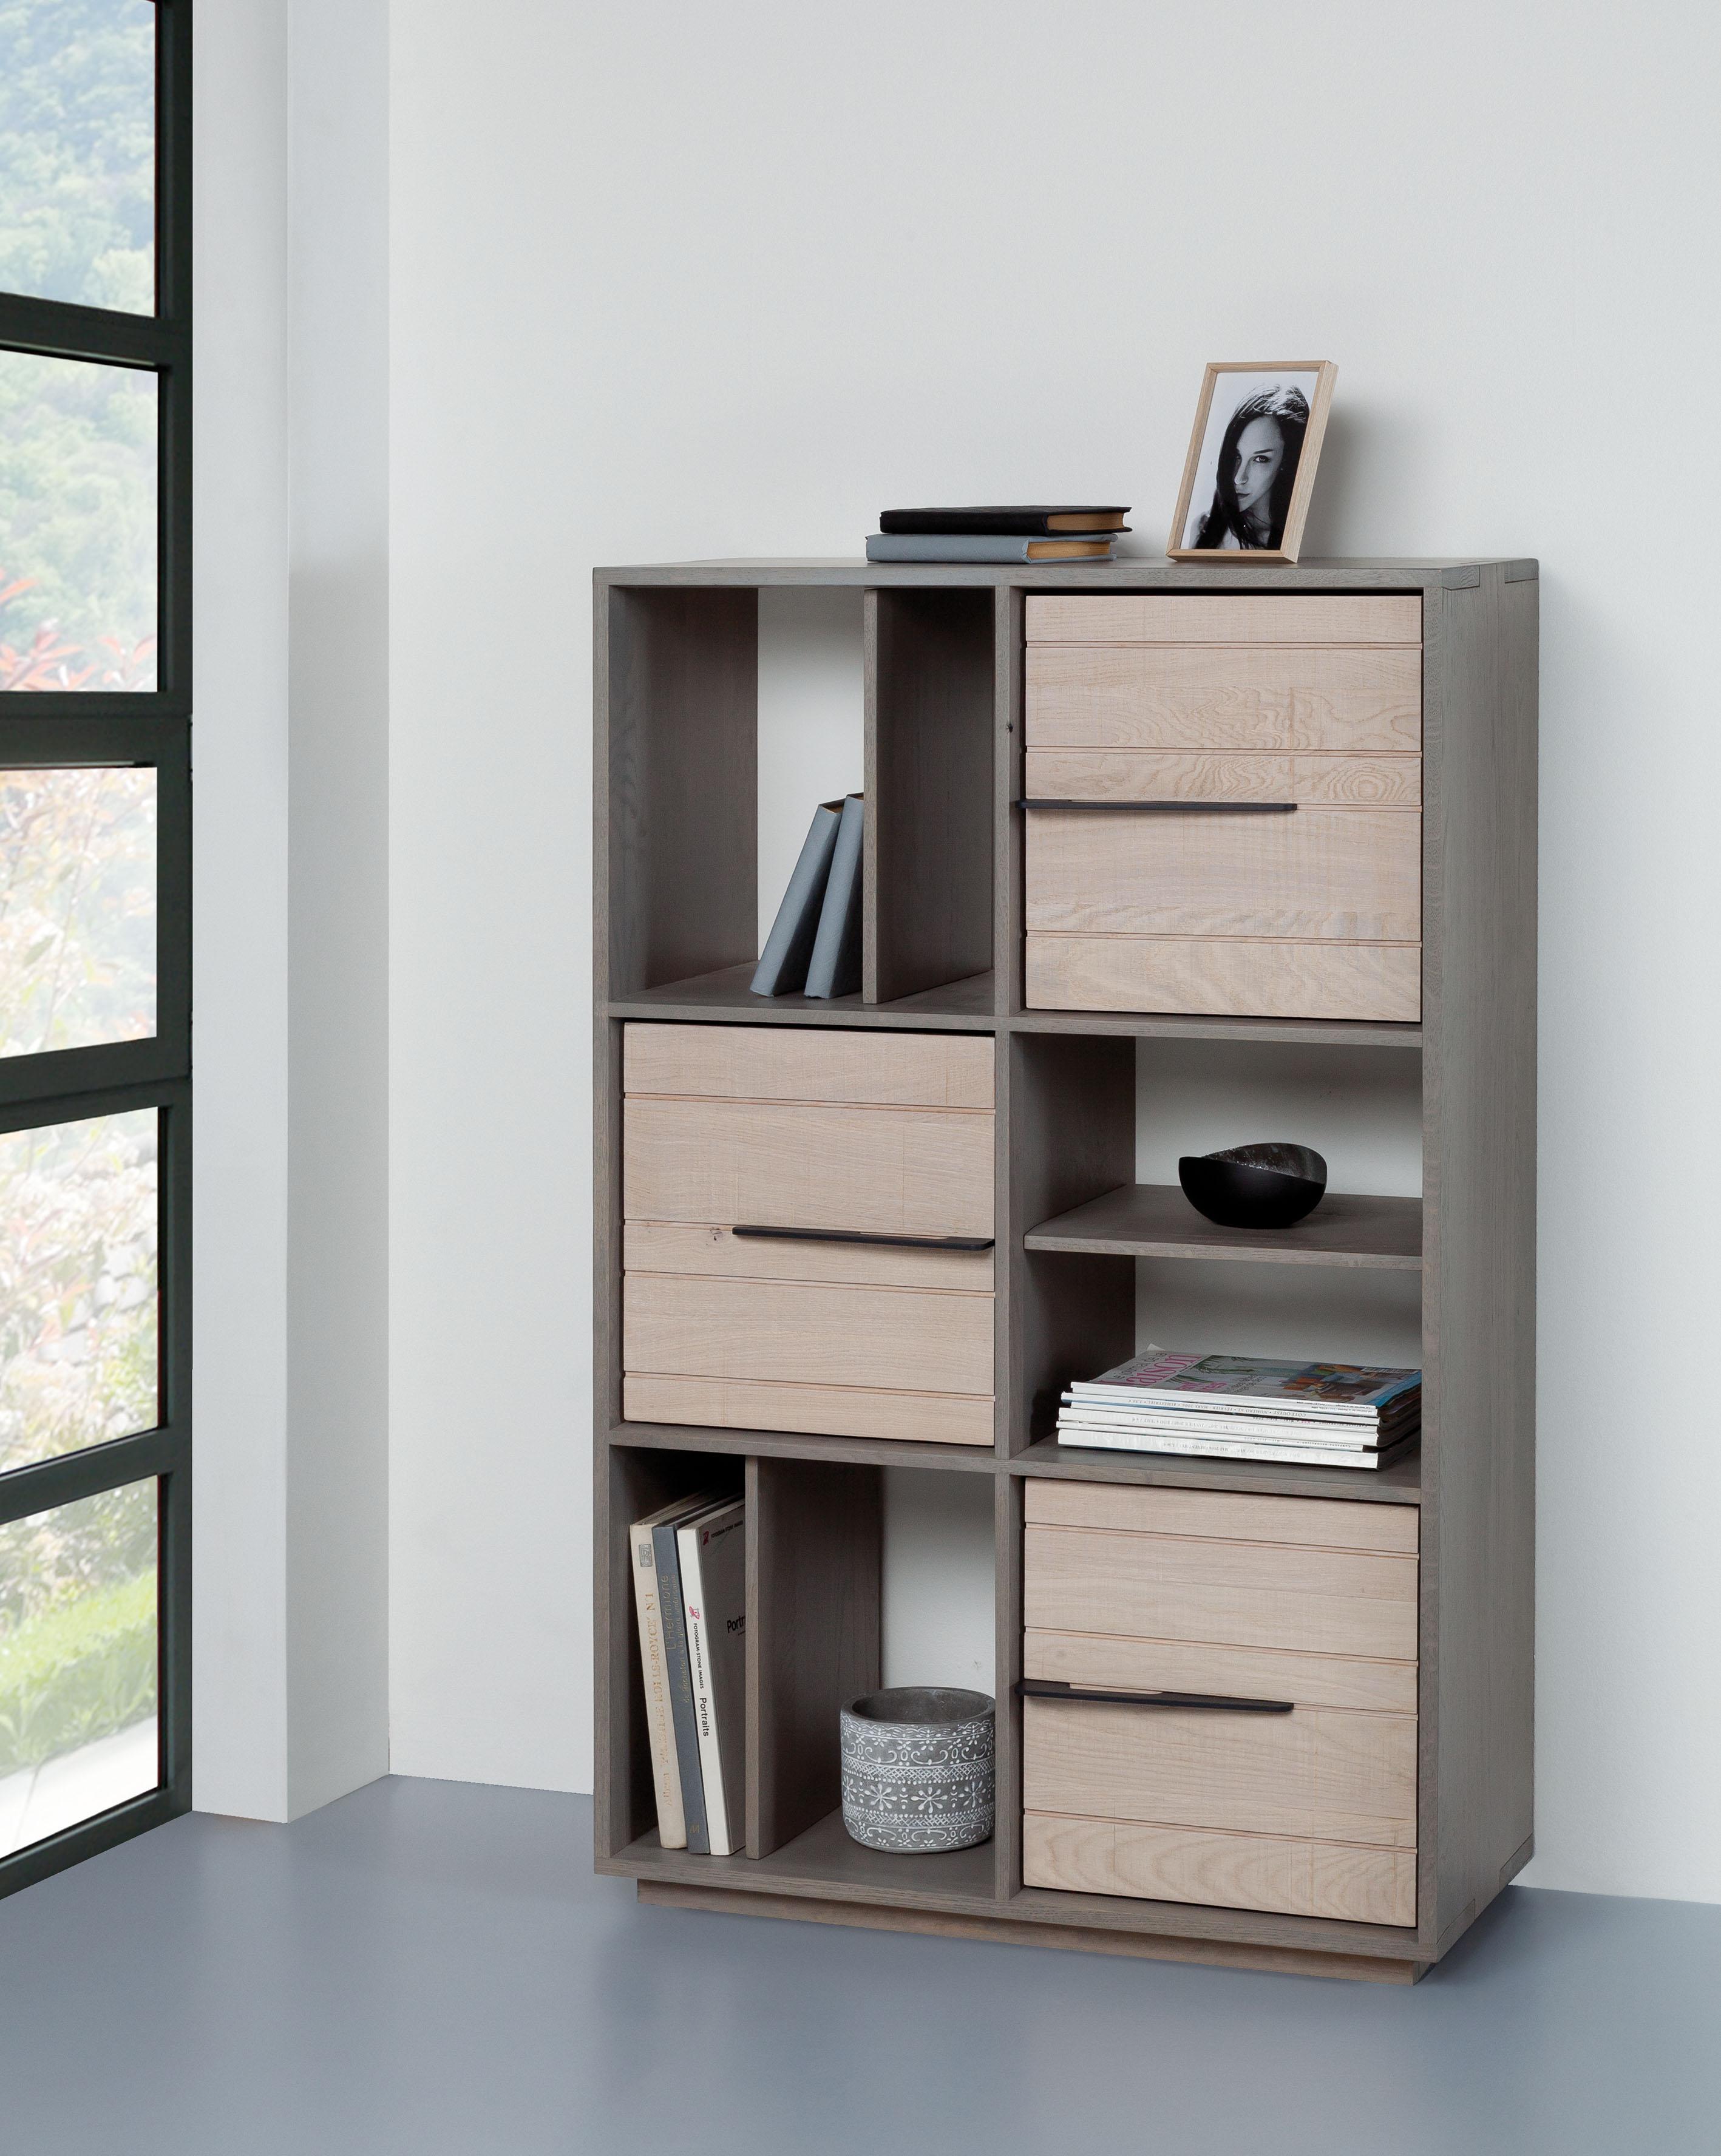 Meubles de salon zen collection 2 meubles gibaud for Meuble zen